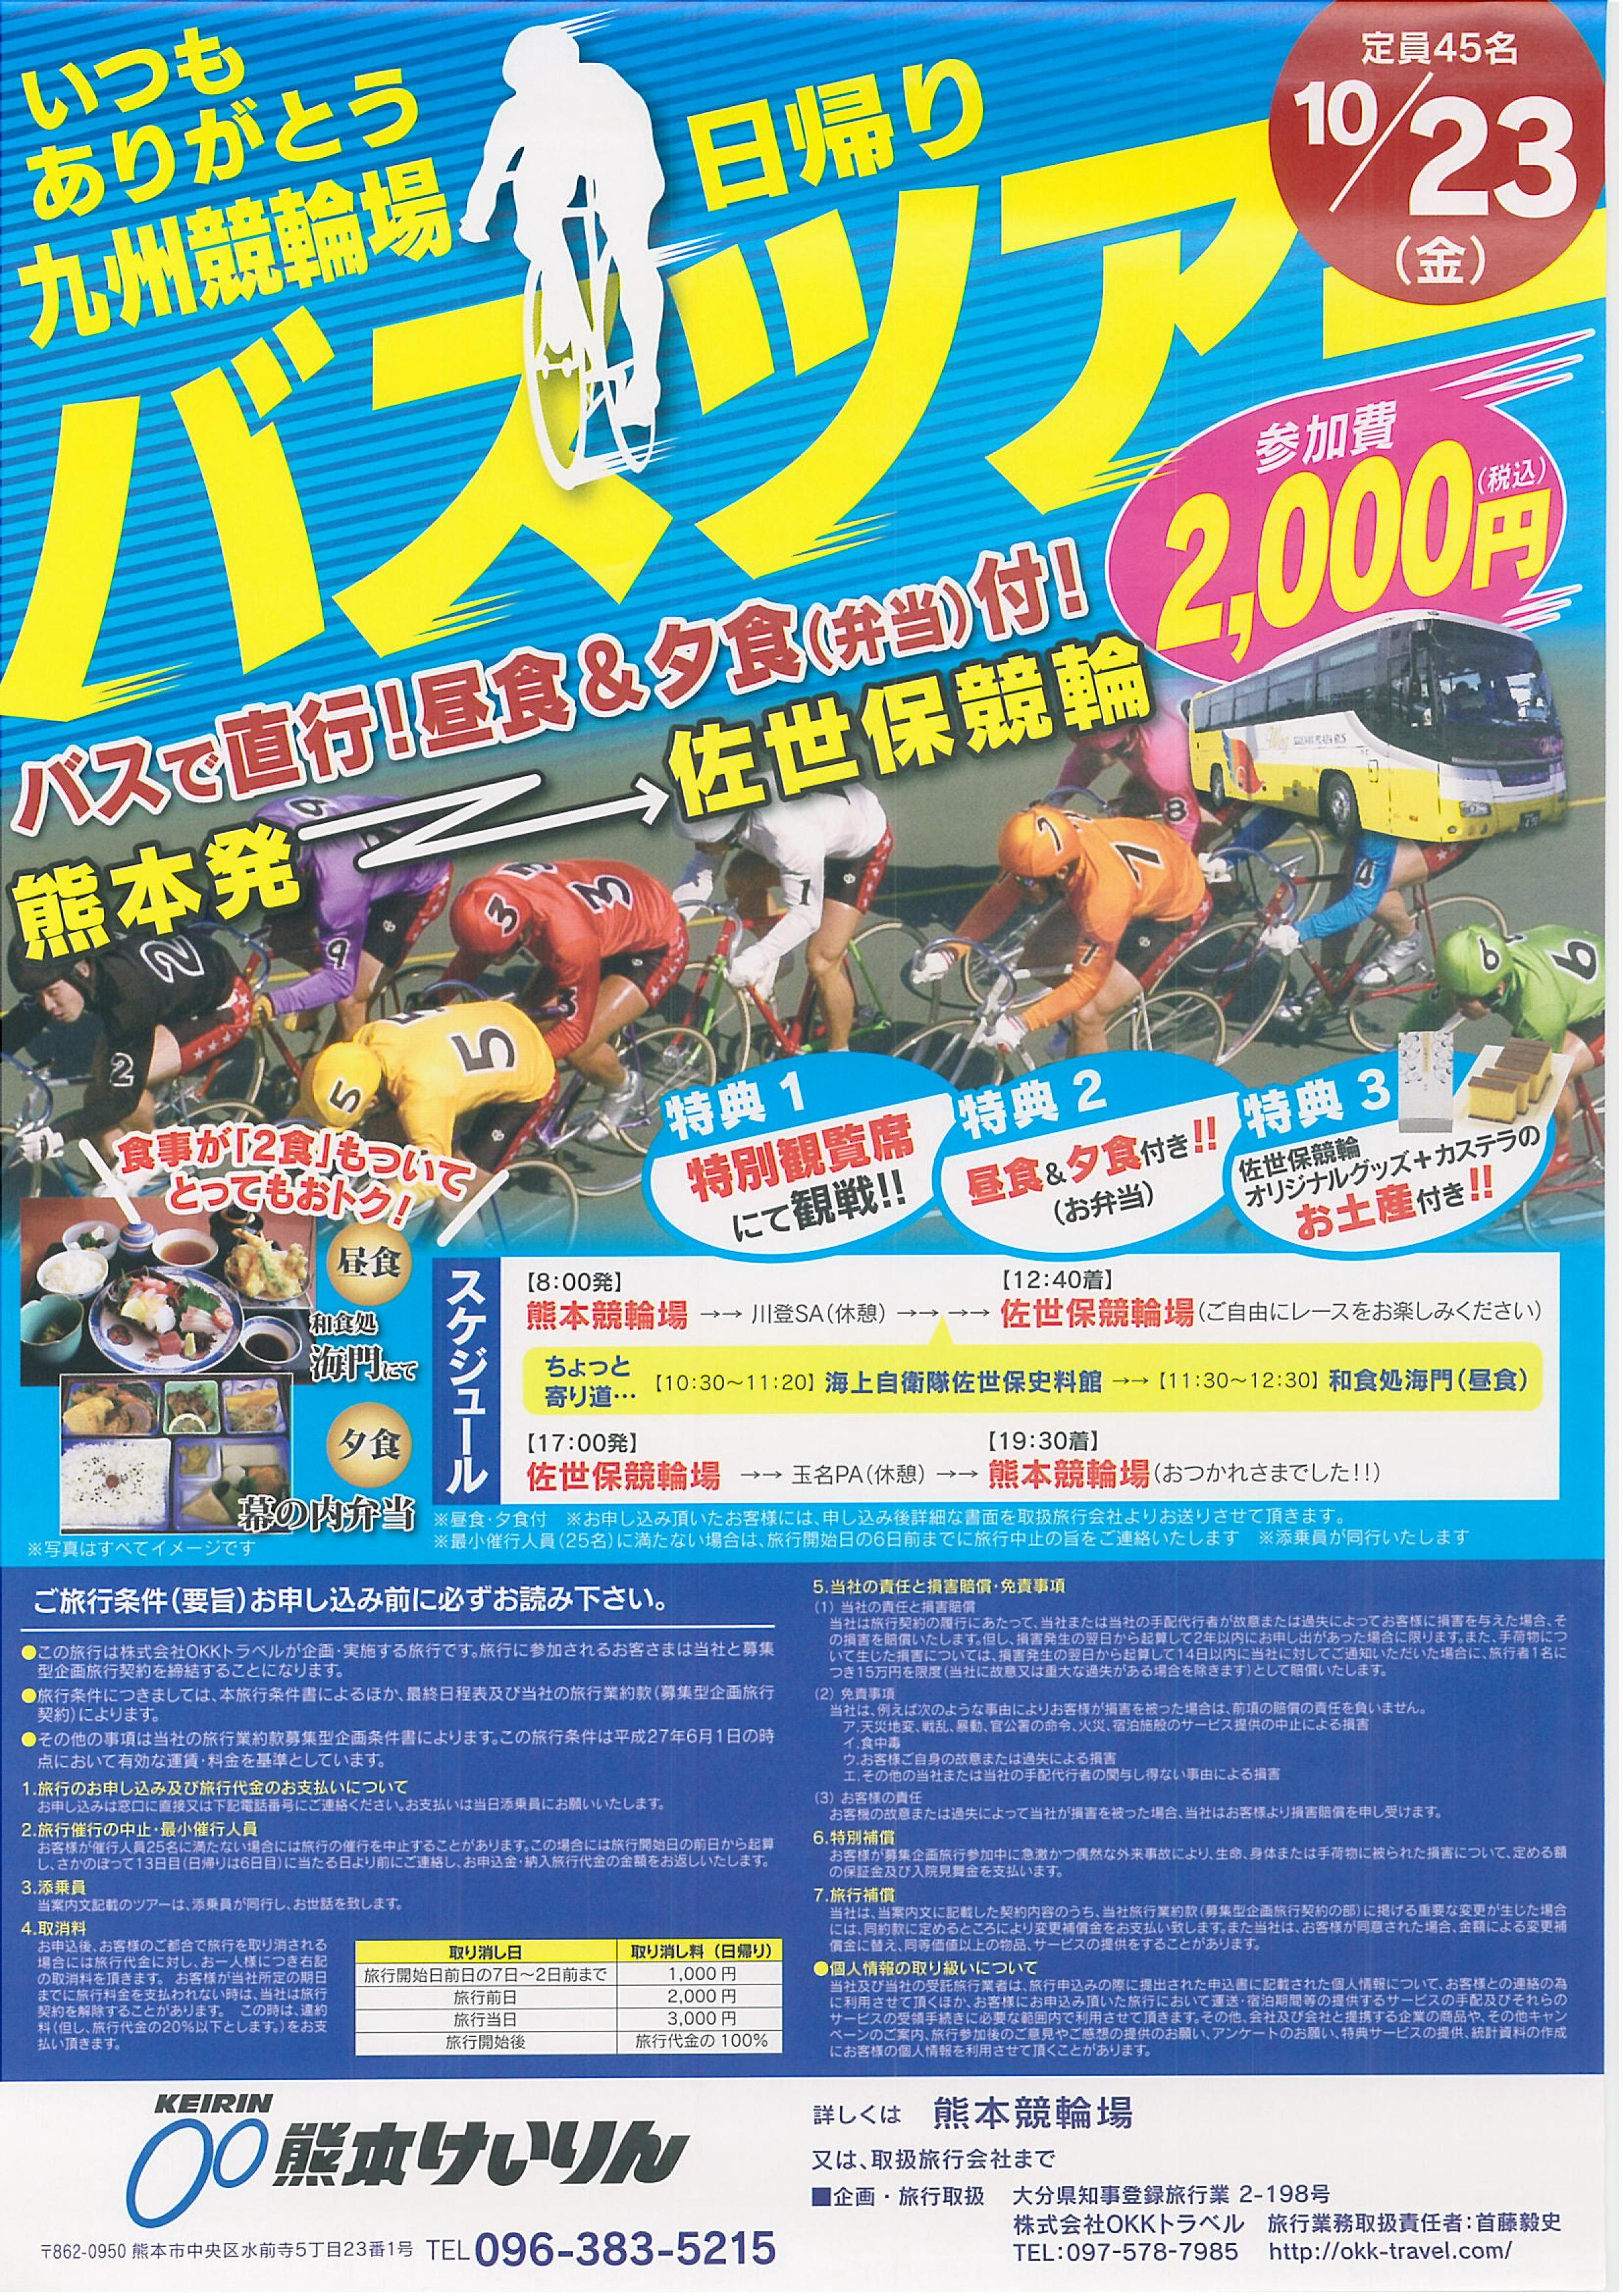 佐世保競輪場への日帰りバスツアーお申し込みはこちら   熊本競輪